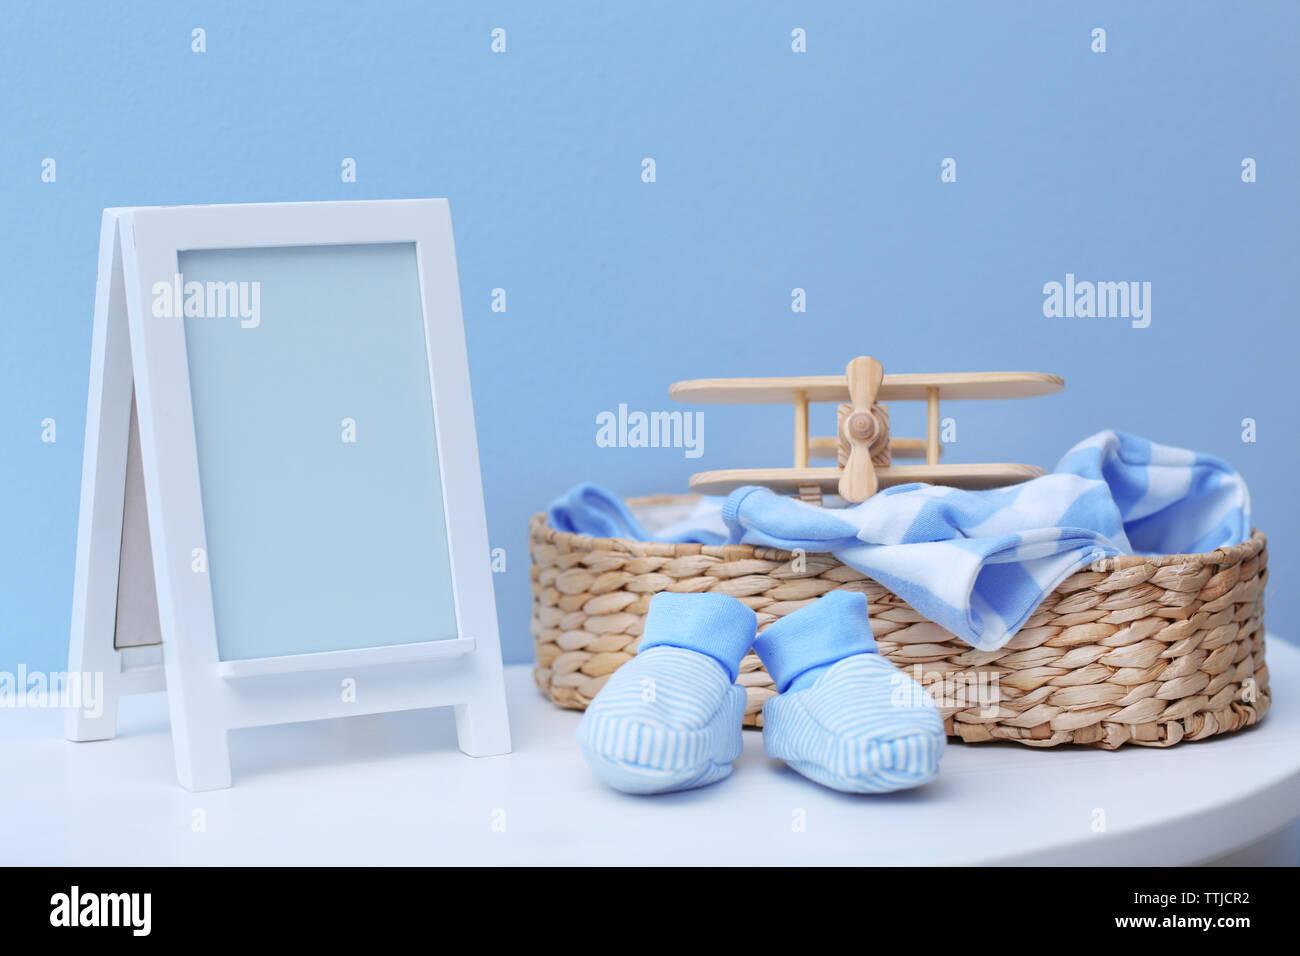 Baby Kleidung und Rahmen auf der blauen Wand Hintergrund Stockbild